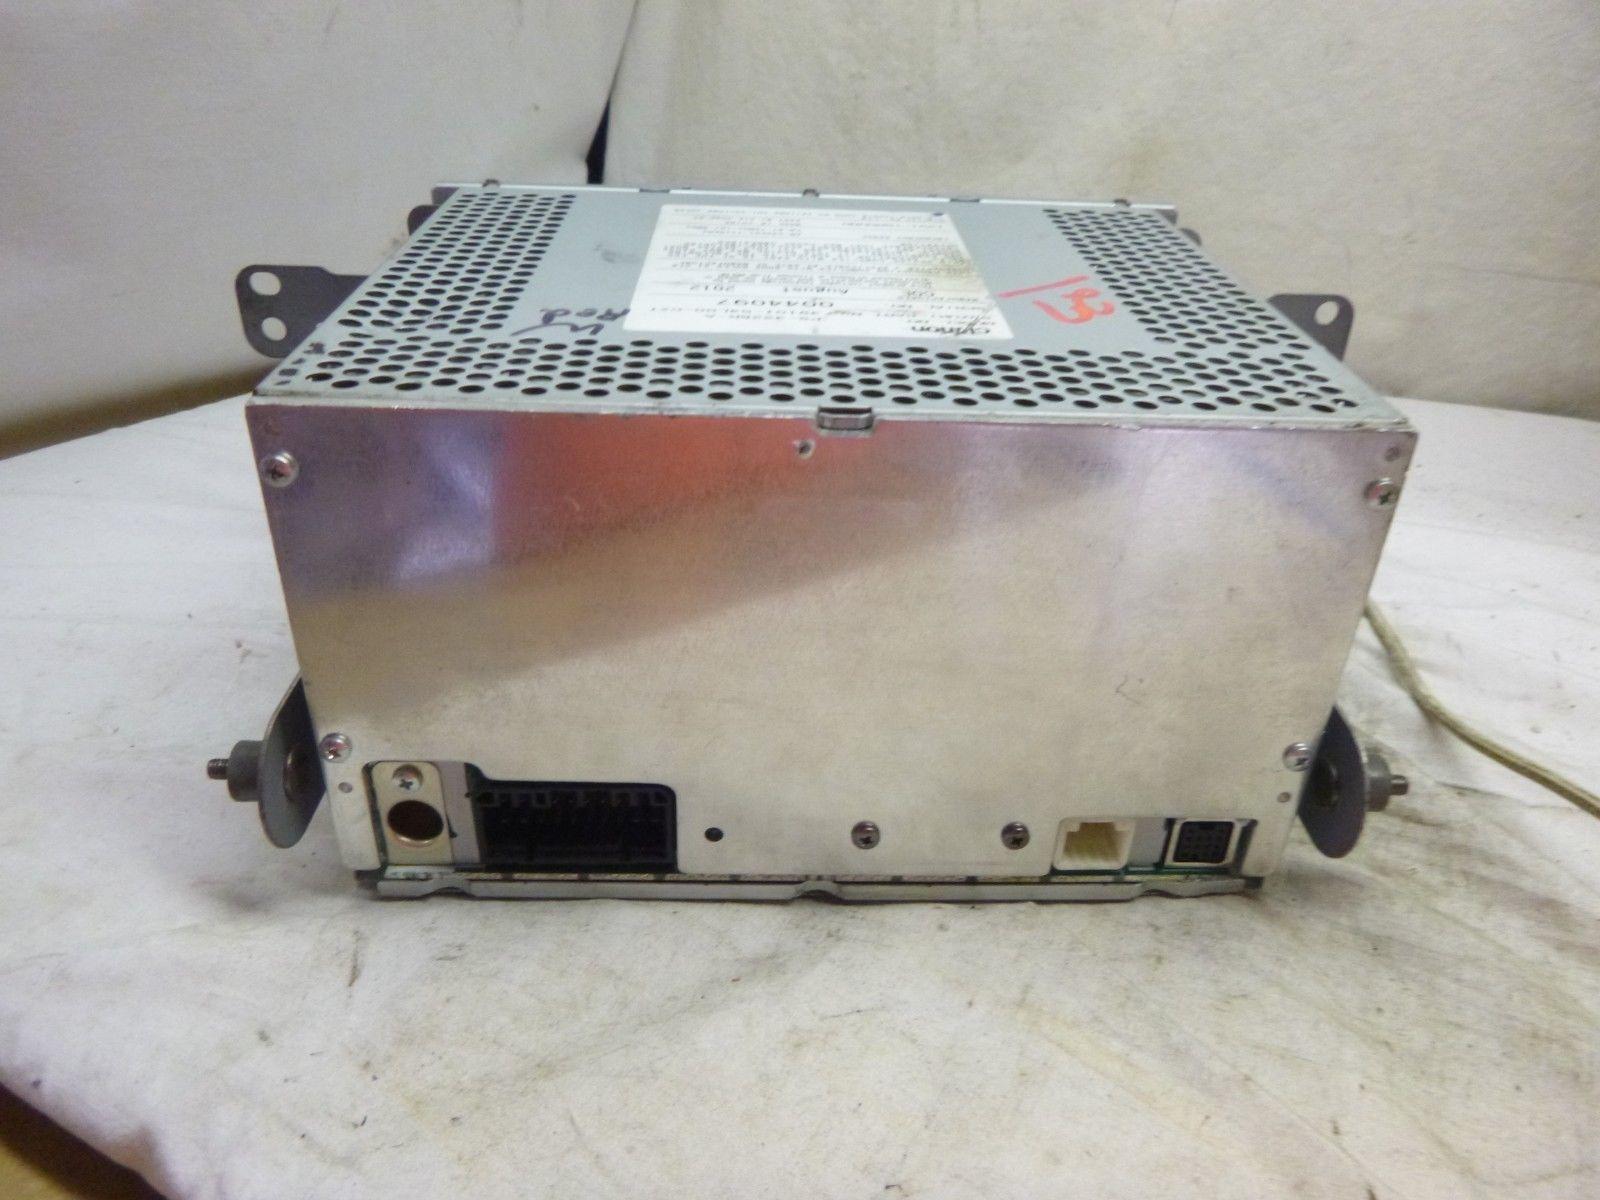 07-13  Suzuki SX4 Radio Cd MP3 Player CLCR25 39101-54L00 BLOCK B27